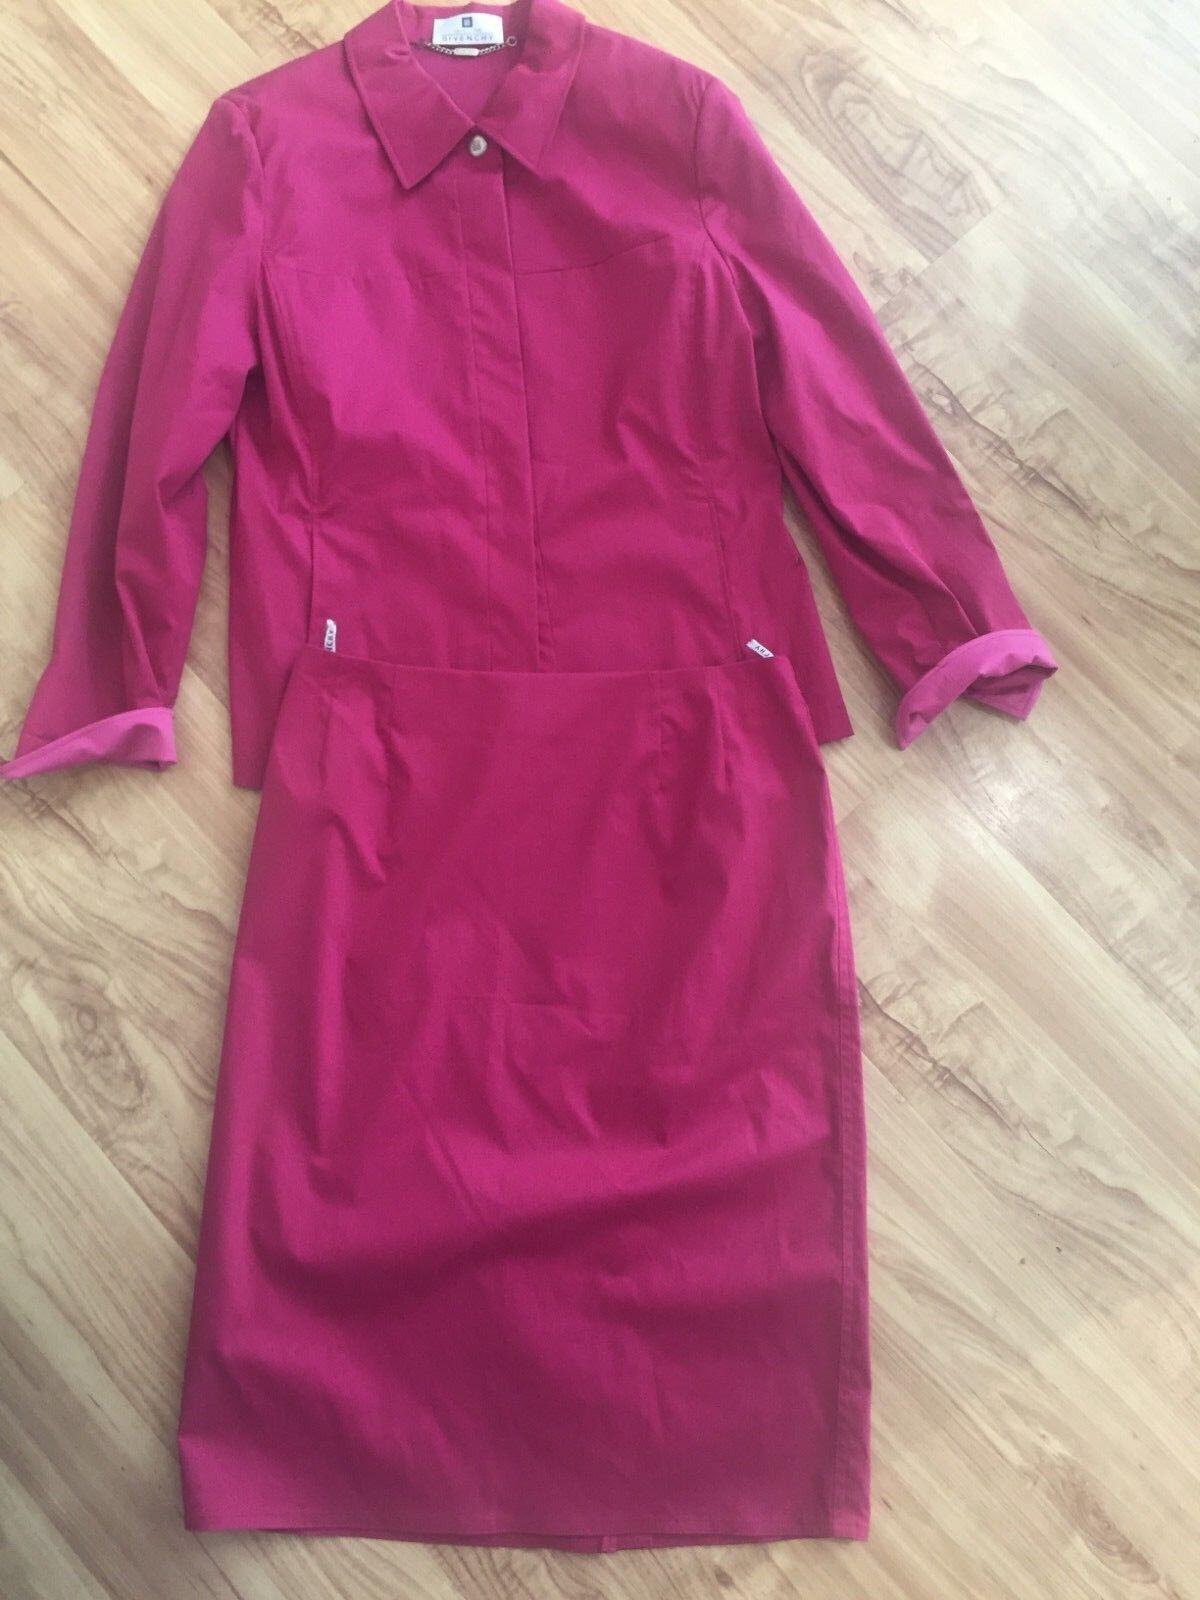 GIVENCHY  da donna vintage stretchkostüm-GR 42-colore Fuxia-COTONE Poliammide